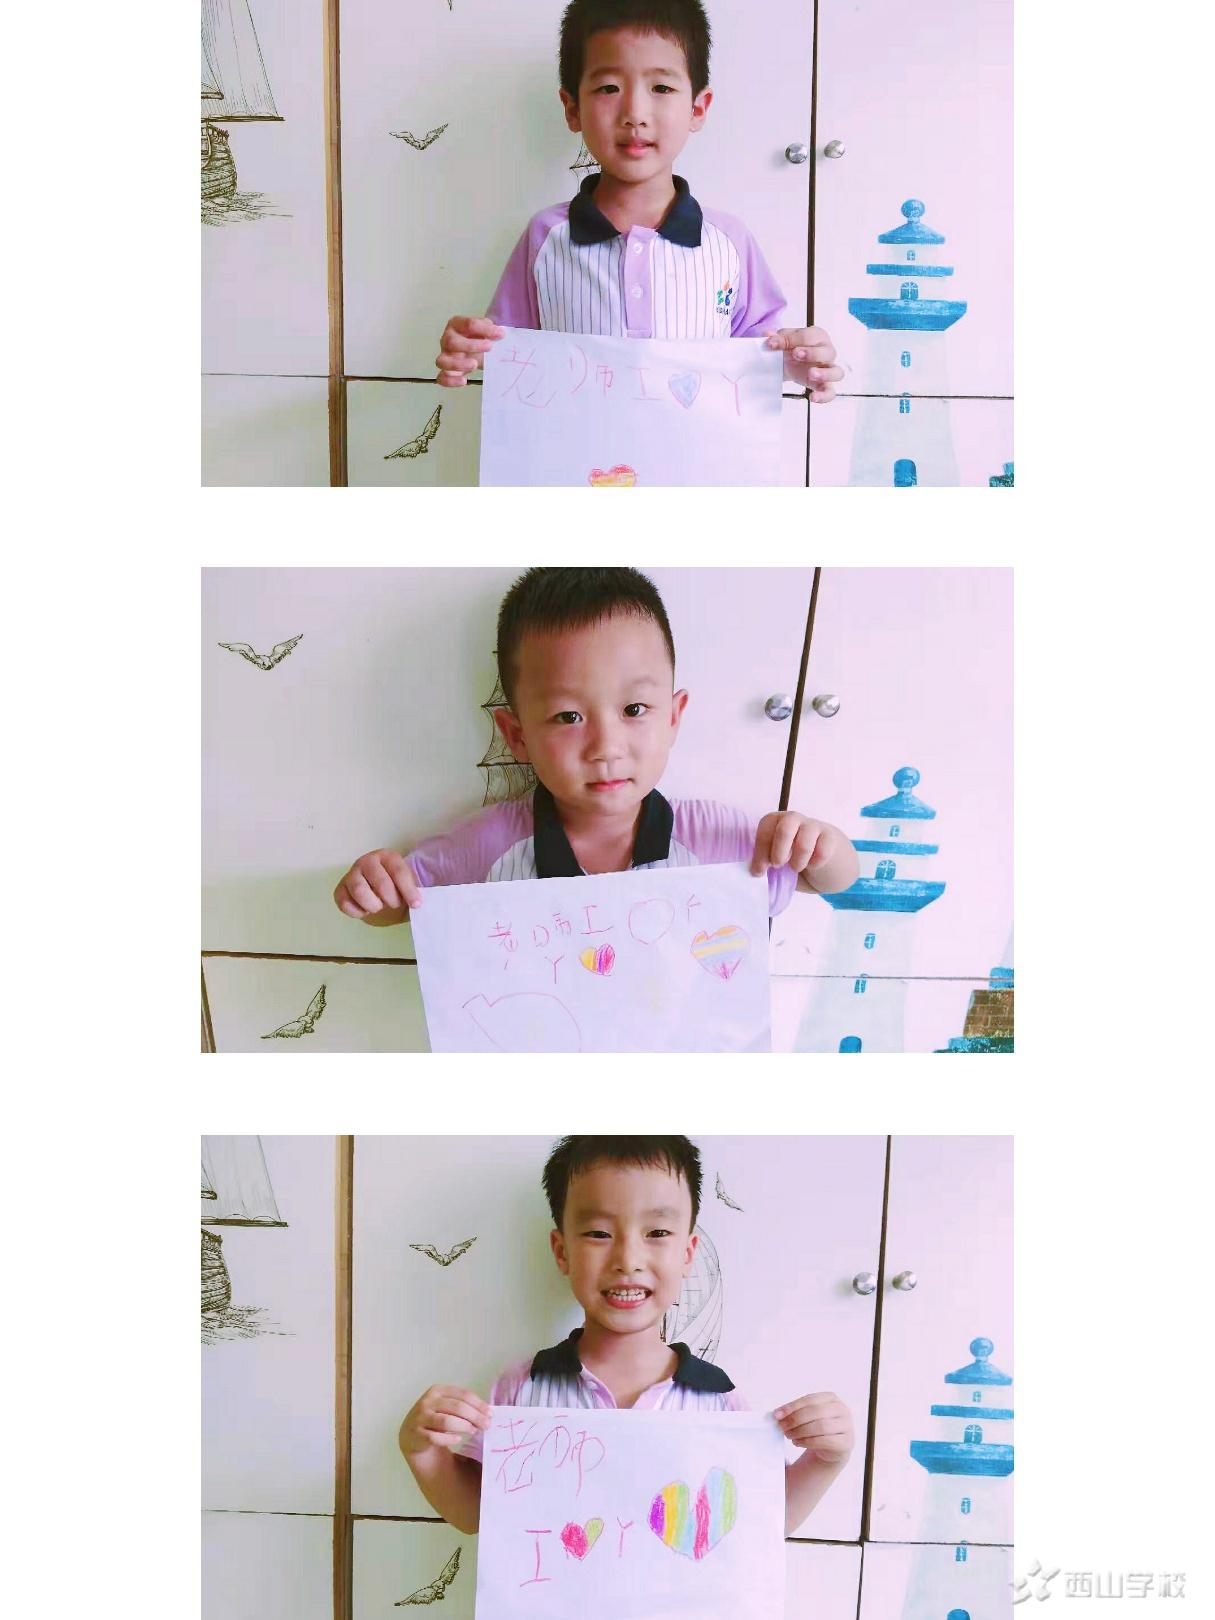 爱与被爱,一年再一年——福清西山学校幼儿园蒙芽二班